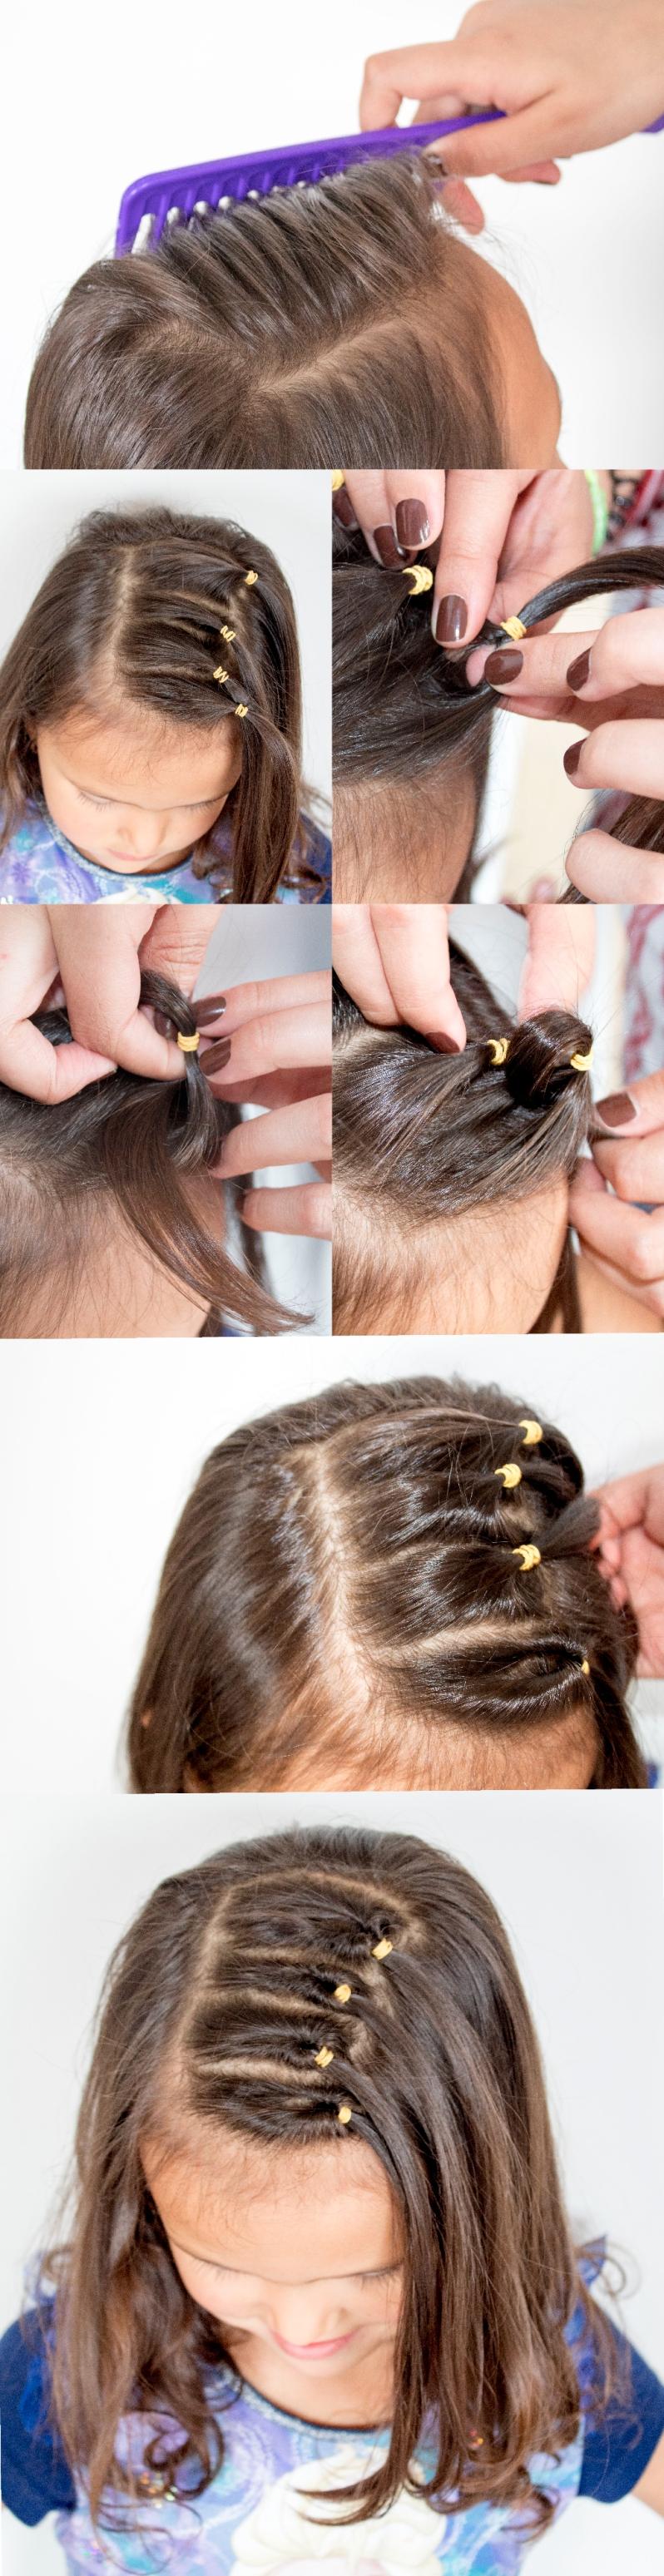 peinados niñas_1.jpg